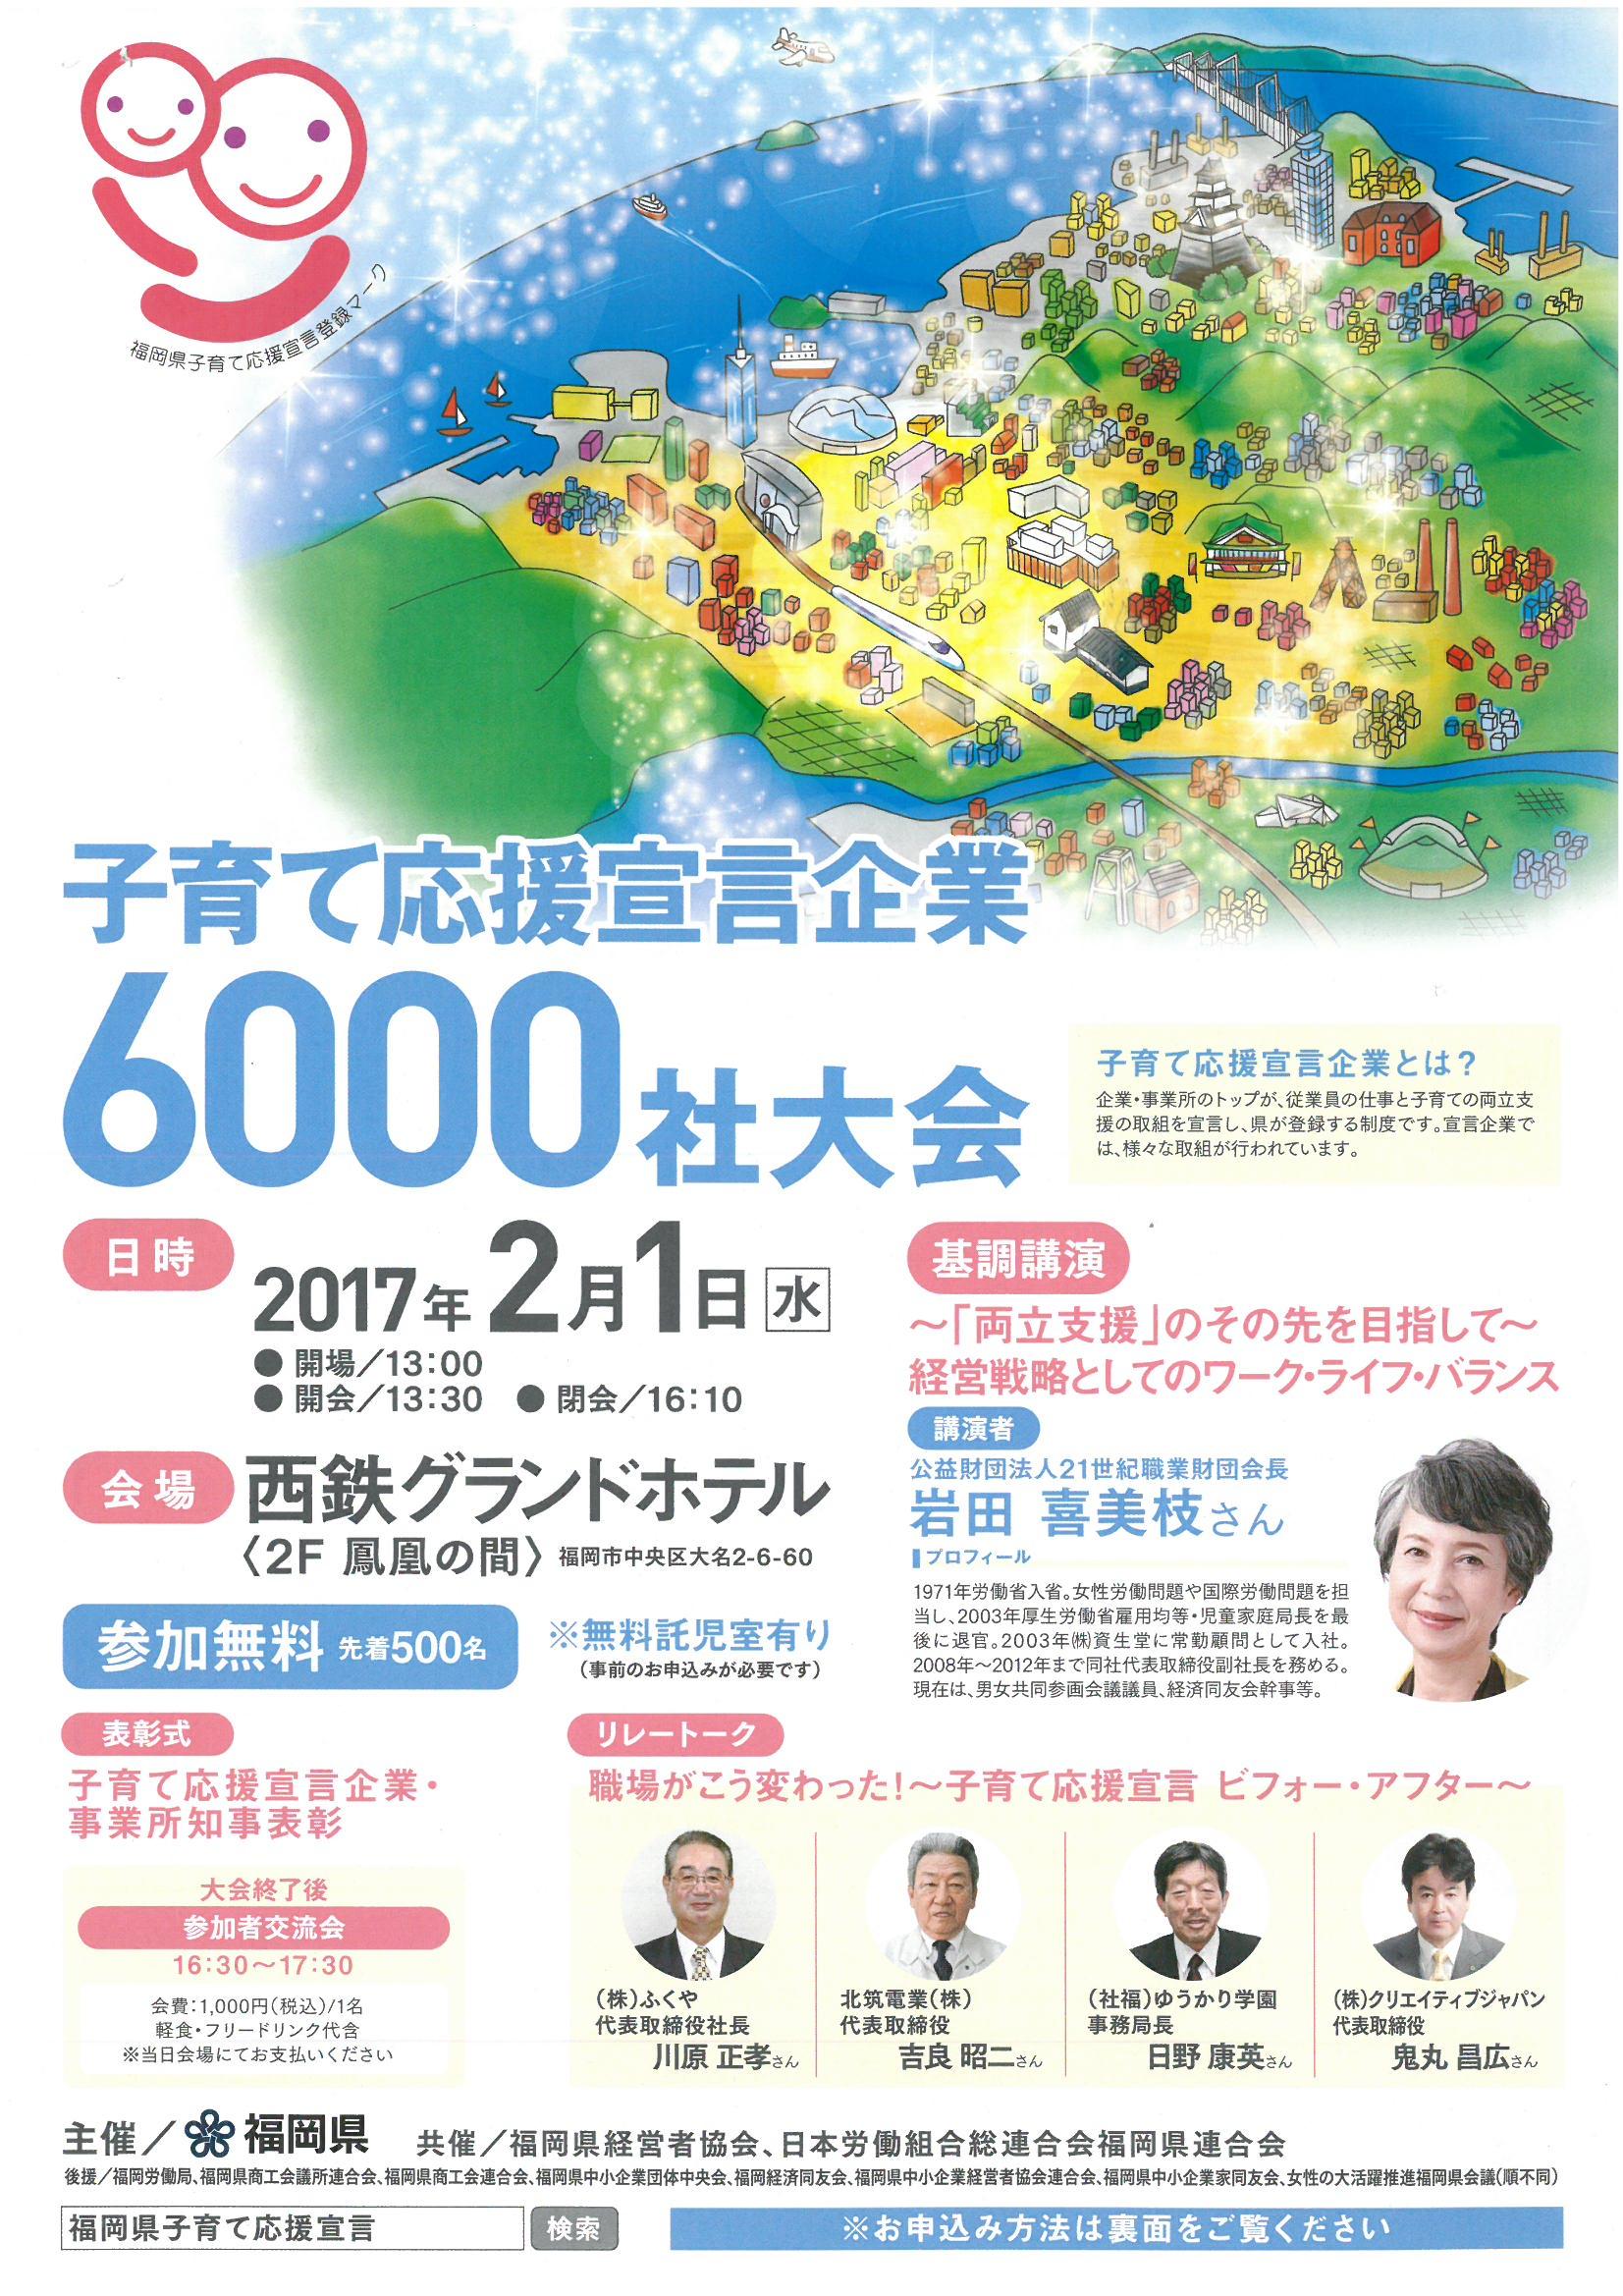 taikai600020170201